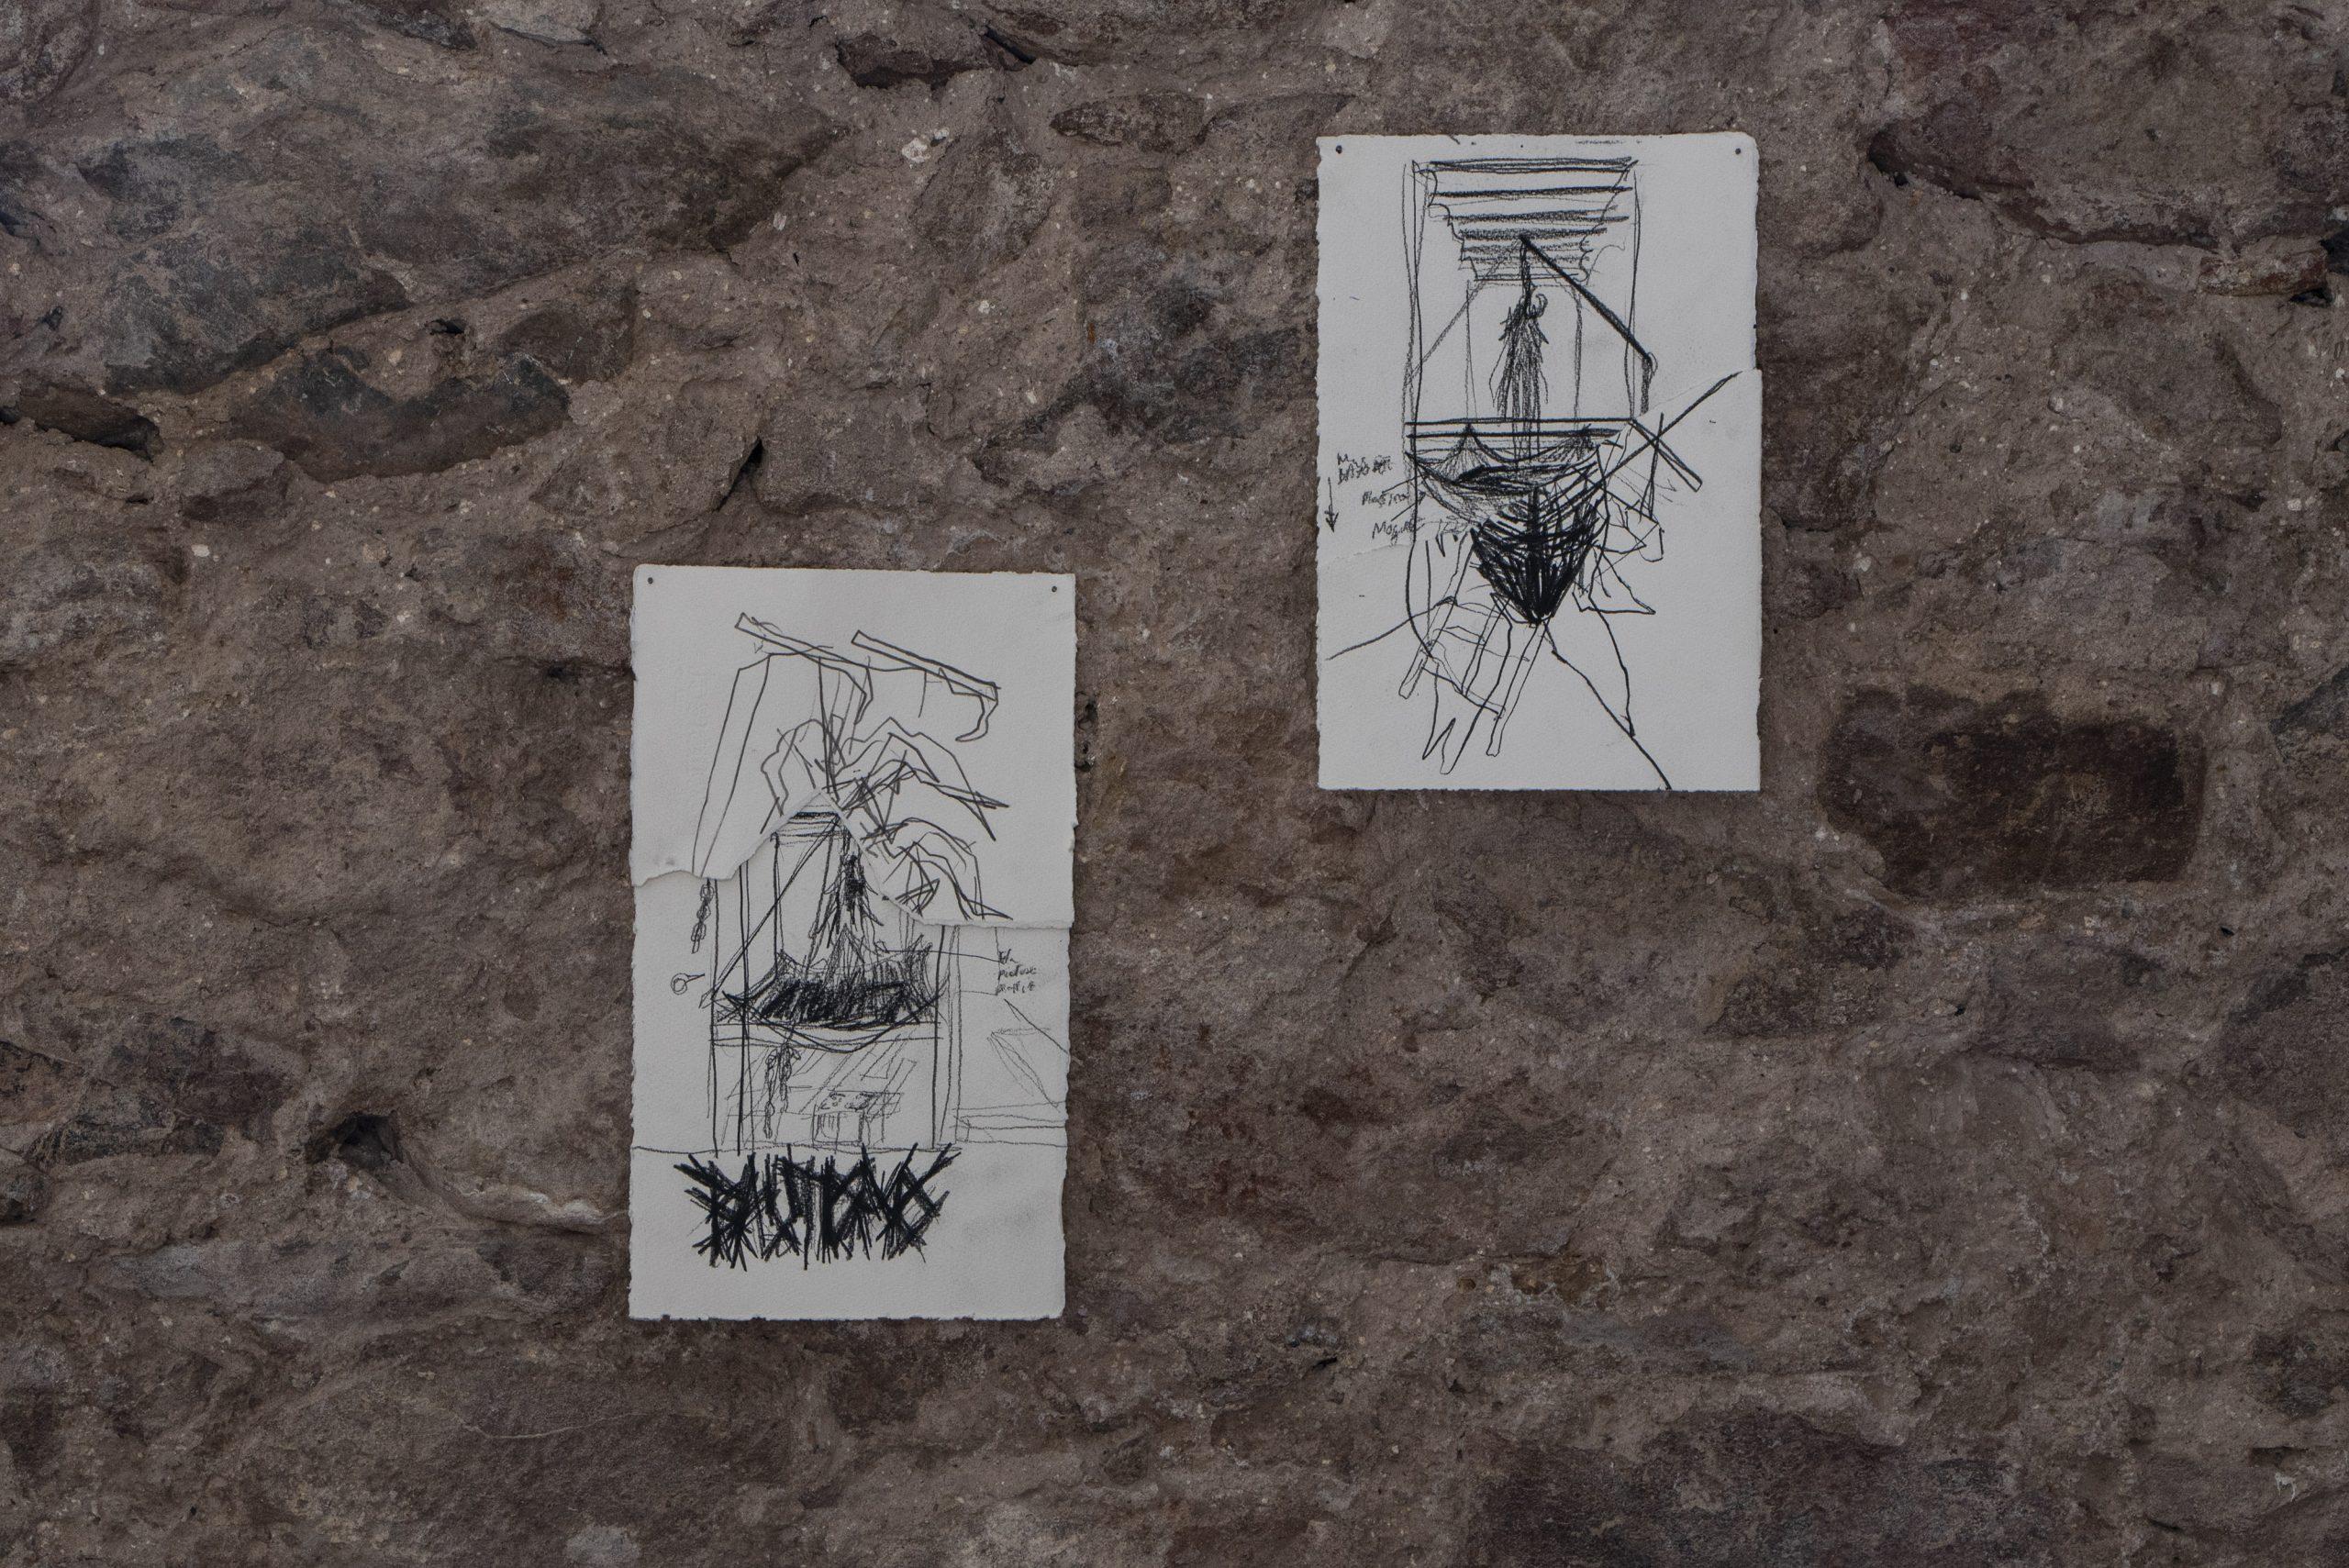 Fragmentos-rituales-31